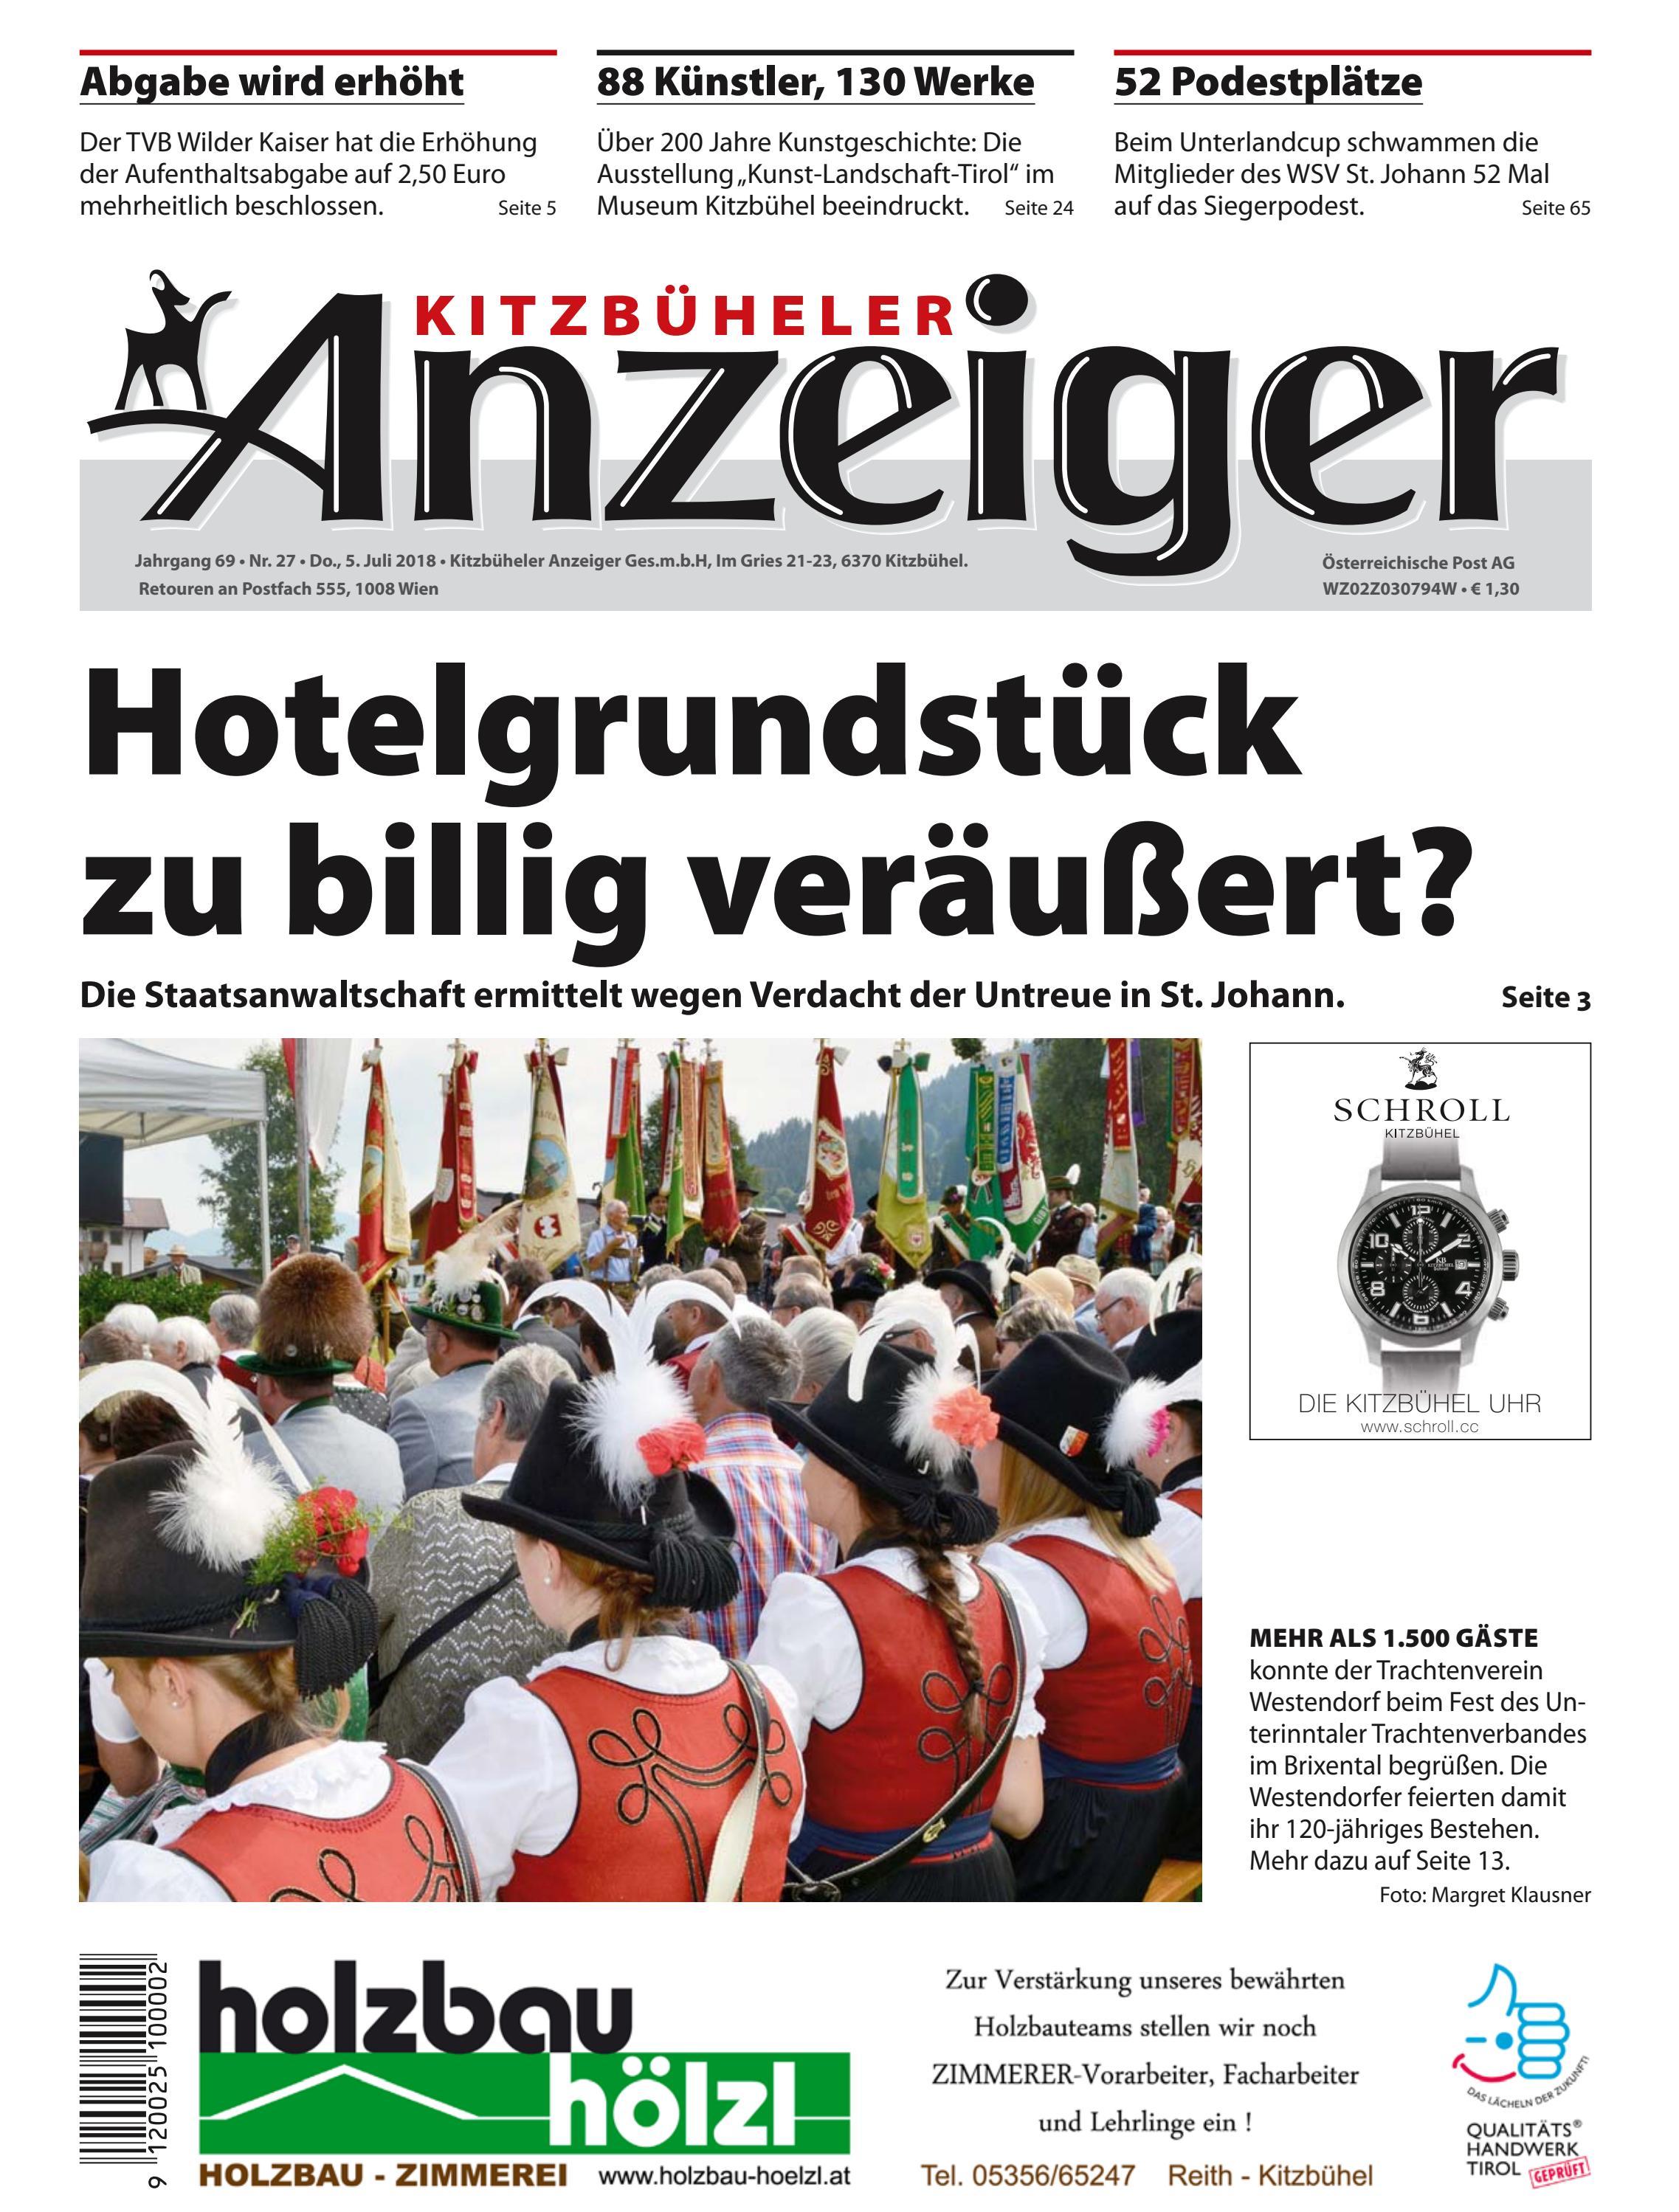 Kitzbuheler Anzeiger Kw 27 By Kitzanzeiger Issuu